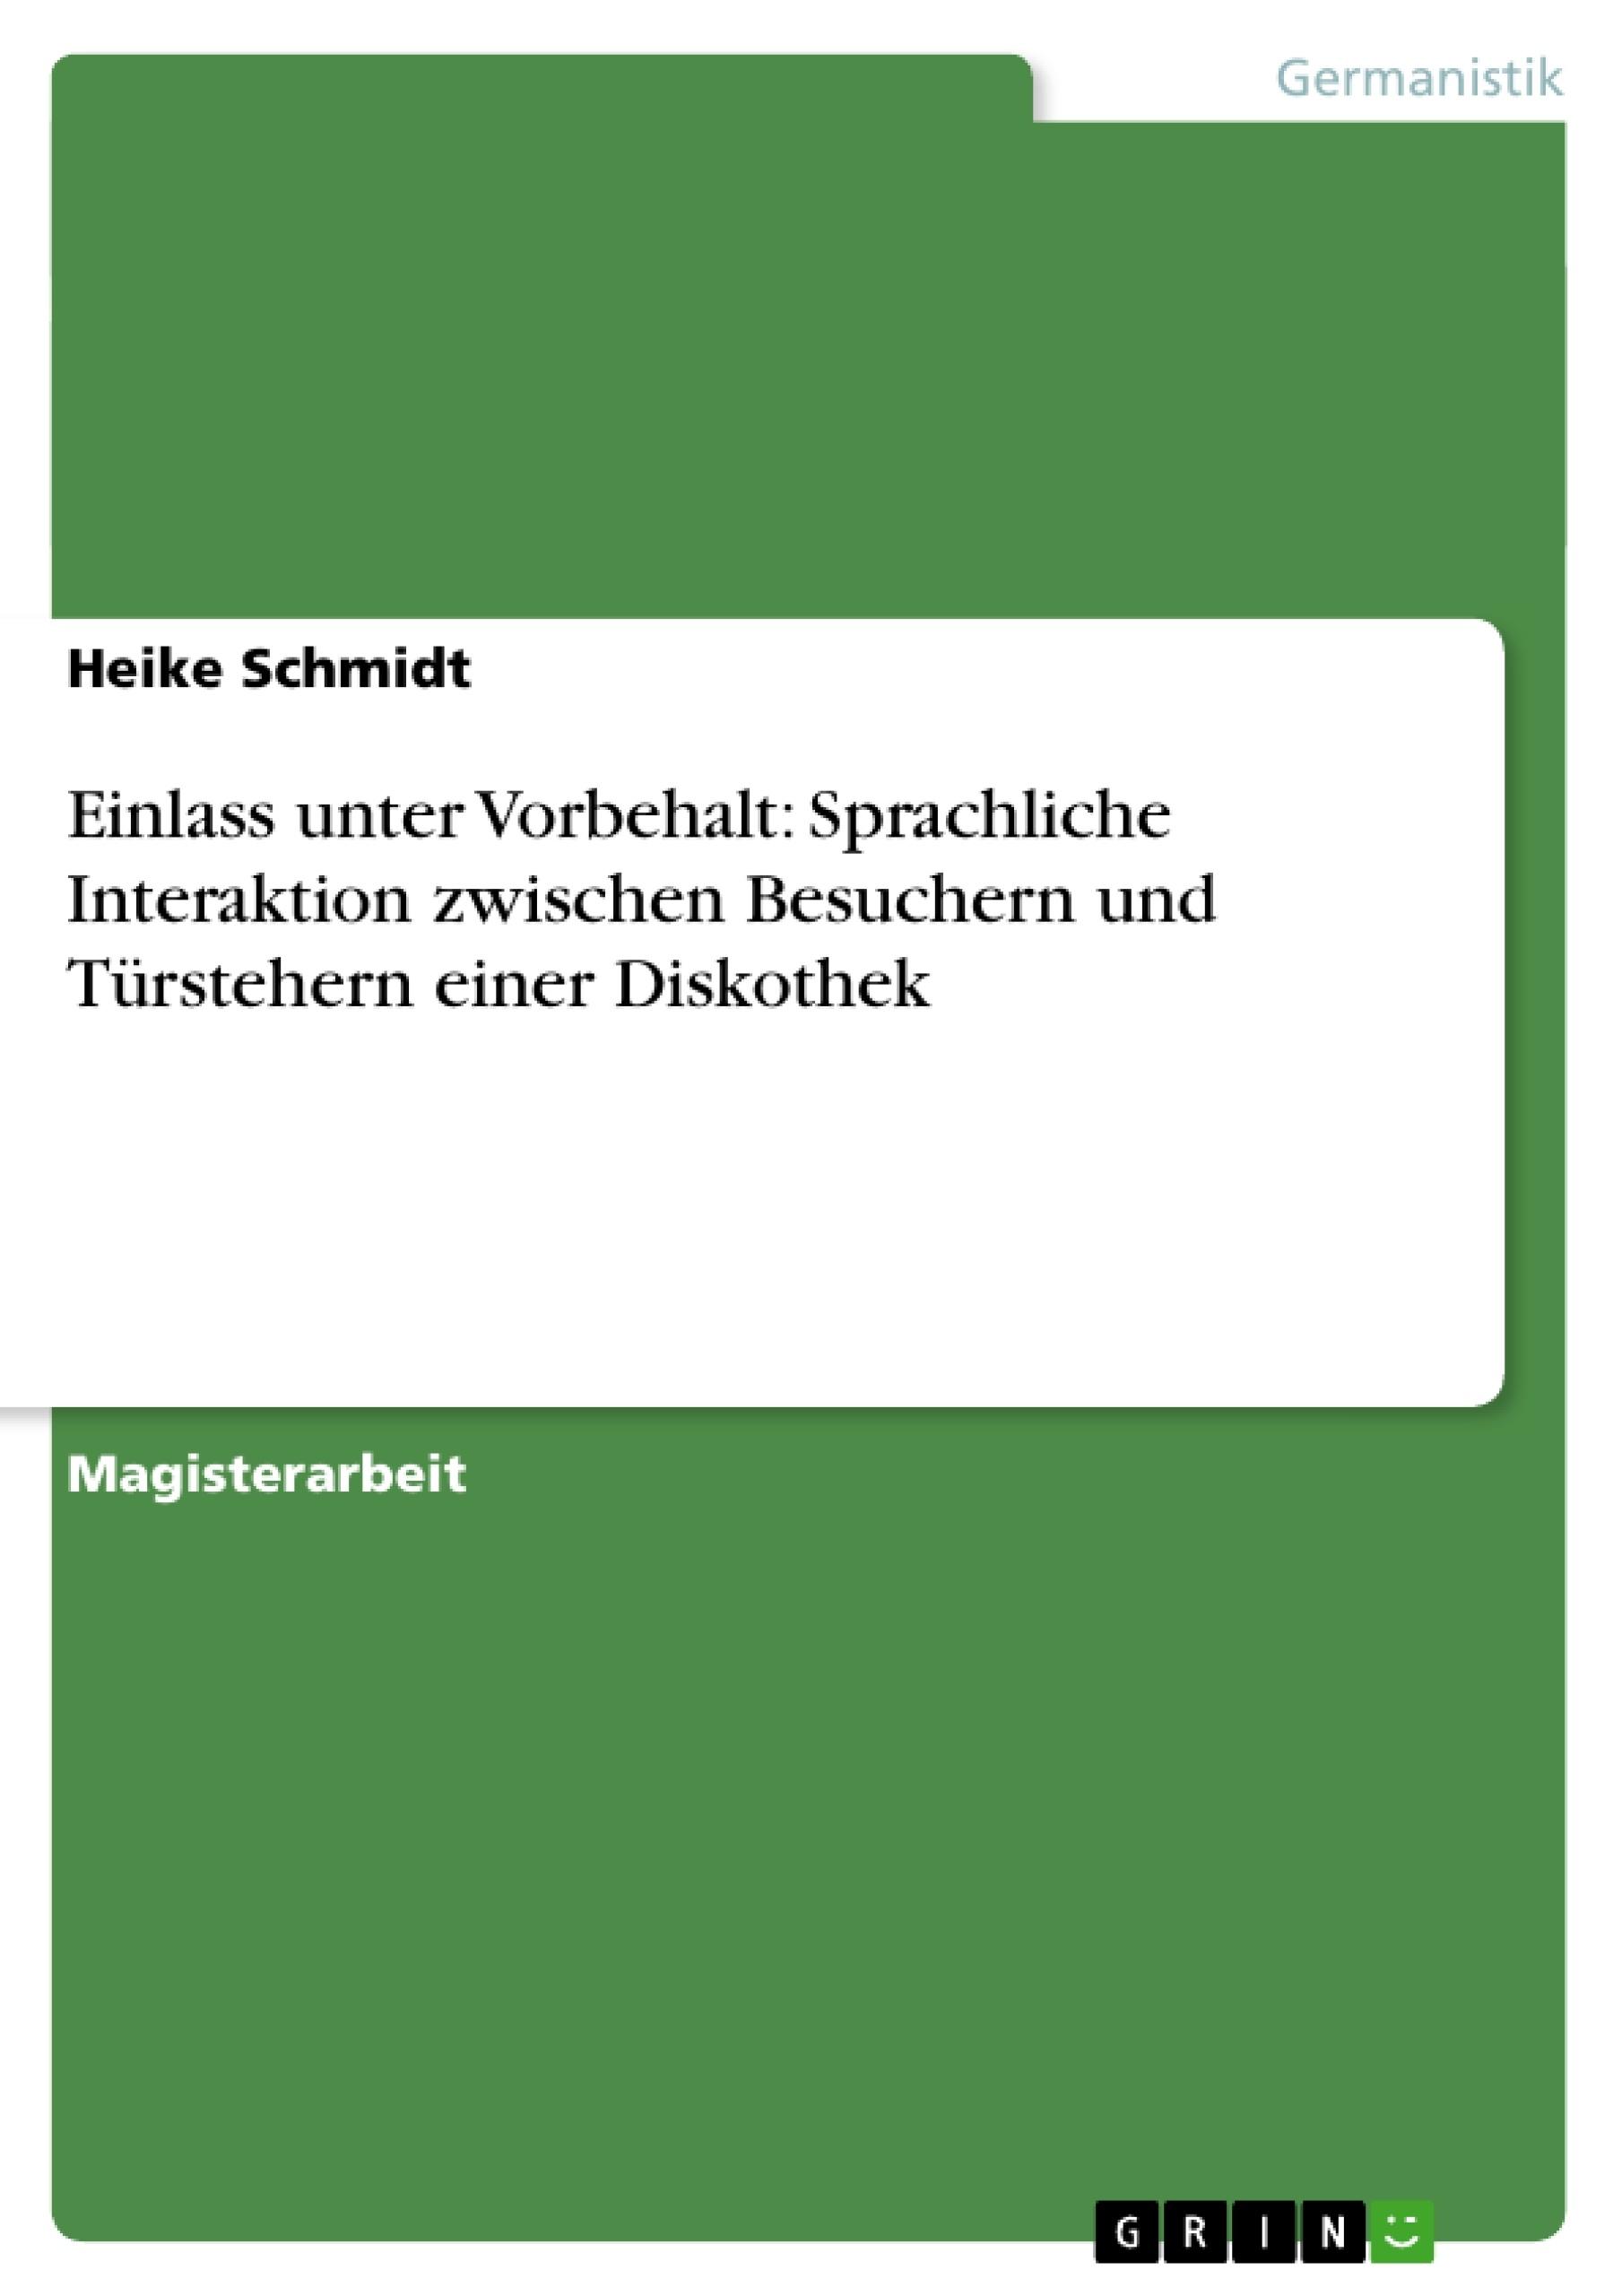 Titel: Einlass unter Vorbehalt: Sprachliche Interaktion zwischen Besuchern und Türstehern einer Diskothek